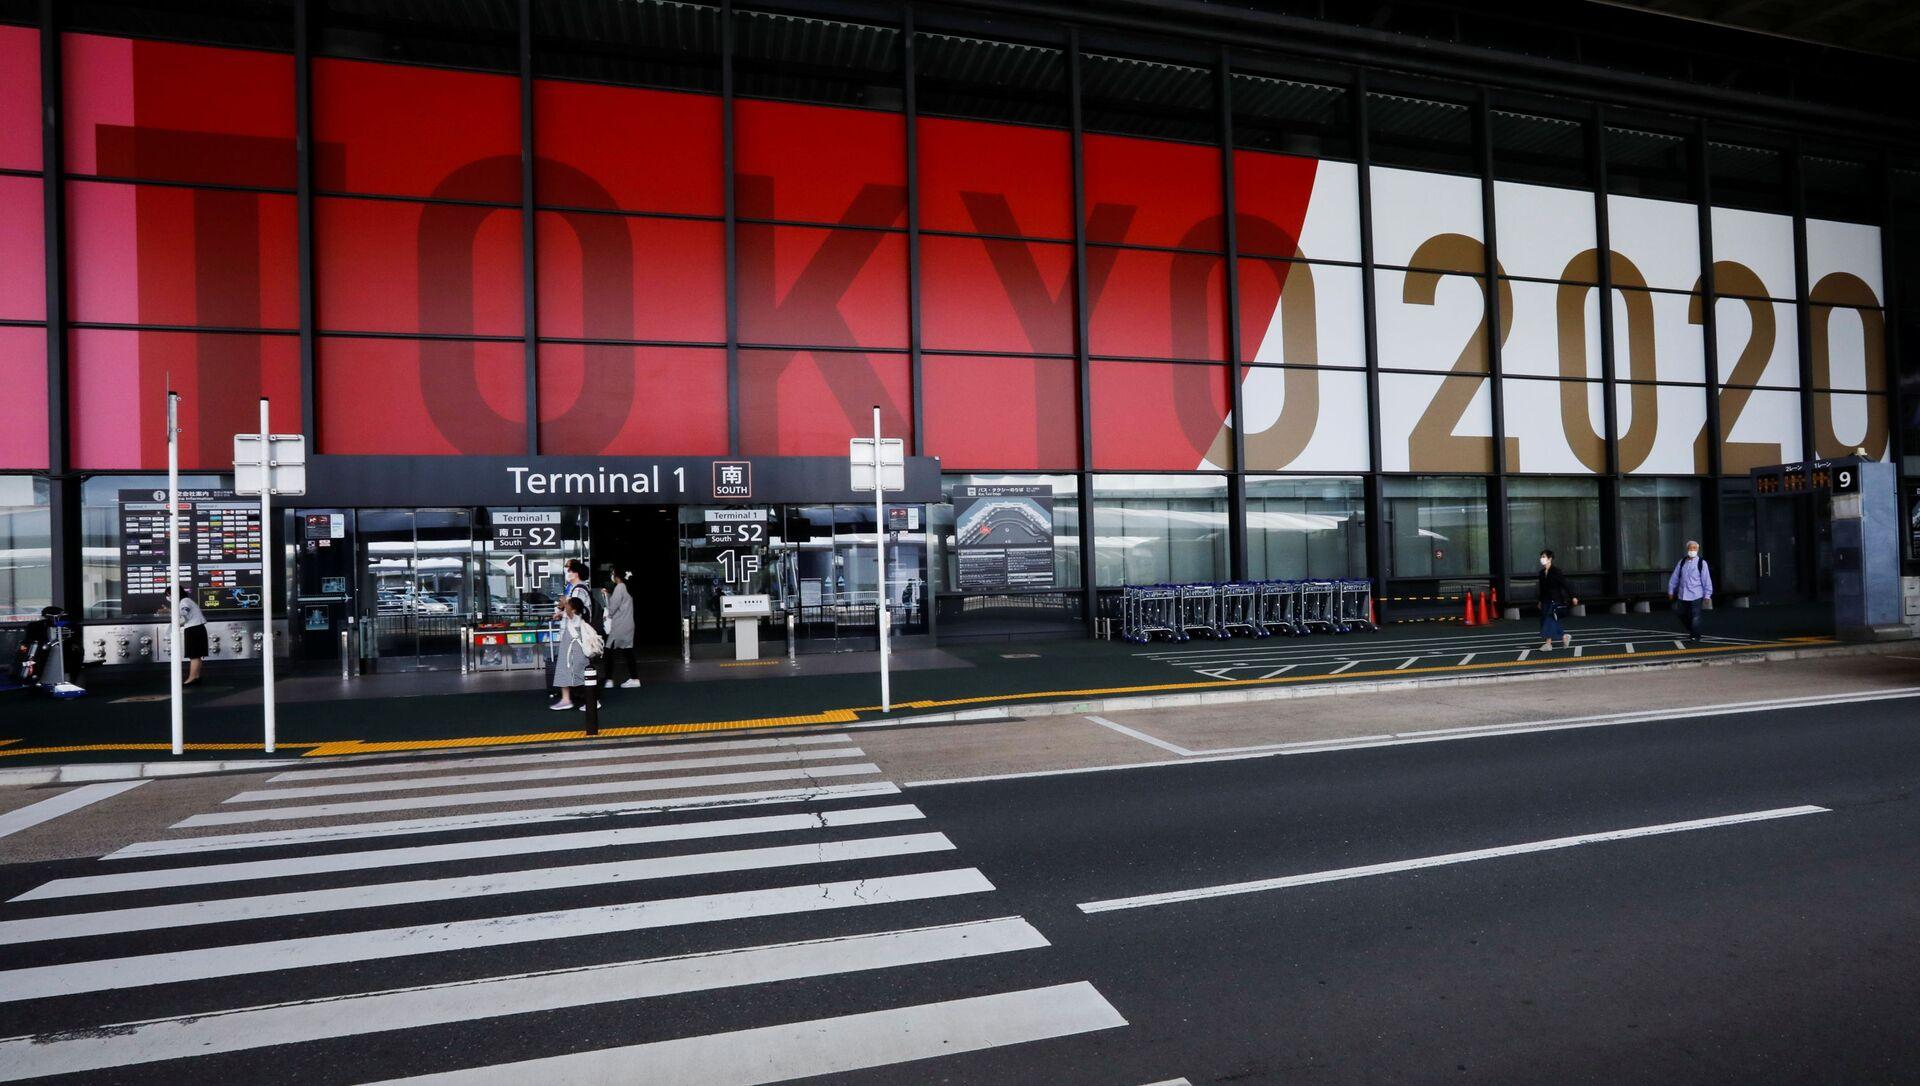 Quảng cáo cho Thế vận hội Olympic và Paralympic 2020 tại Sân bay Quốc tế Narita, Nhật Bản - Sputnik Việt Nam, 1920, 22.07.2021